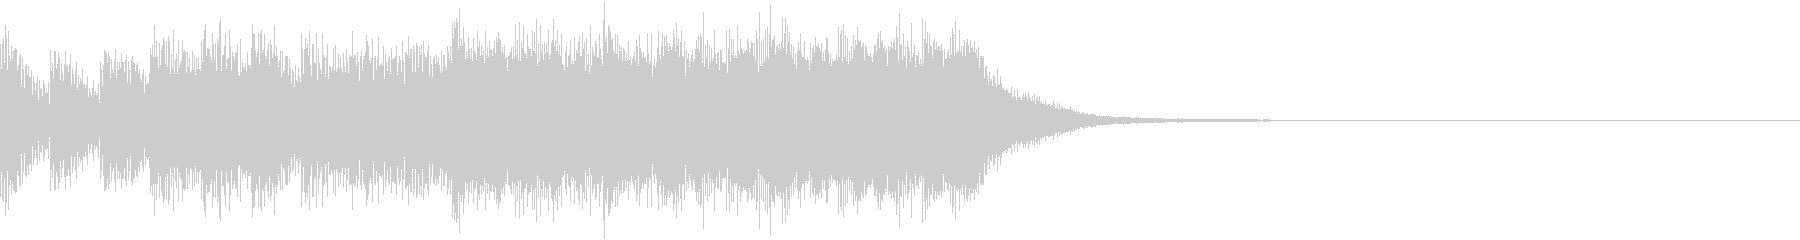 ファミコン風 レトロ ファンファーレ Dの未再生の波形